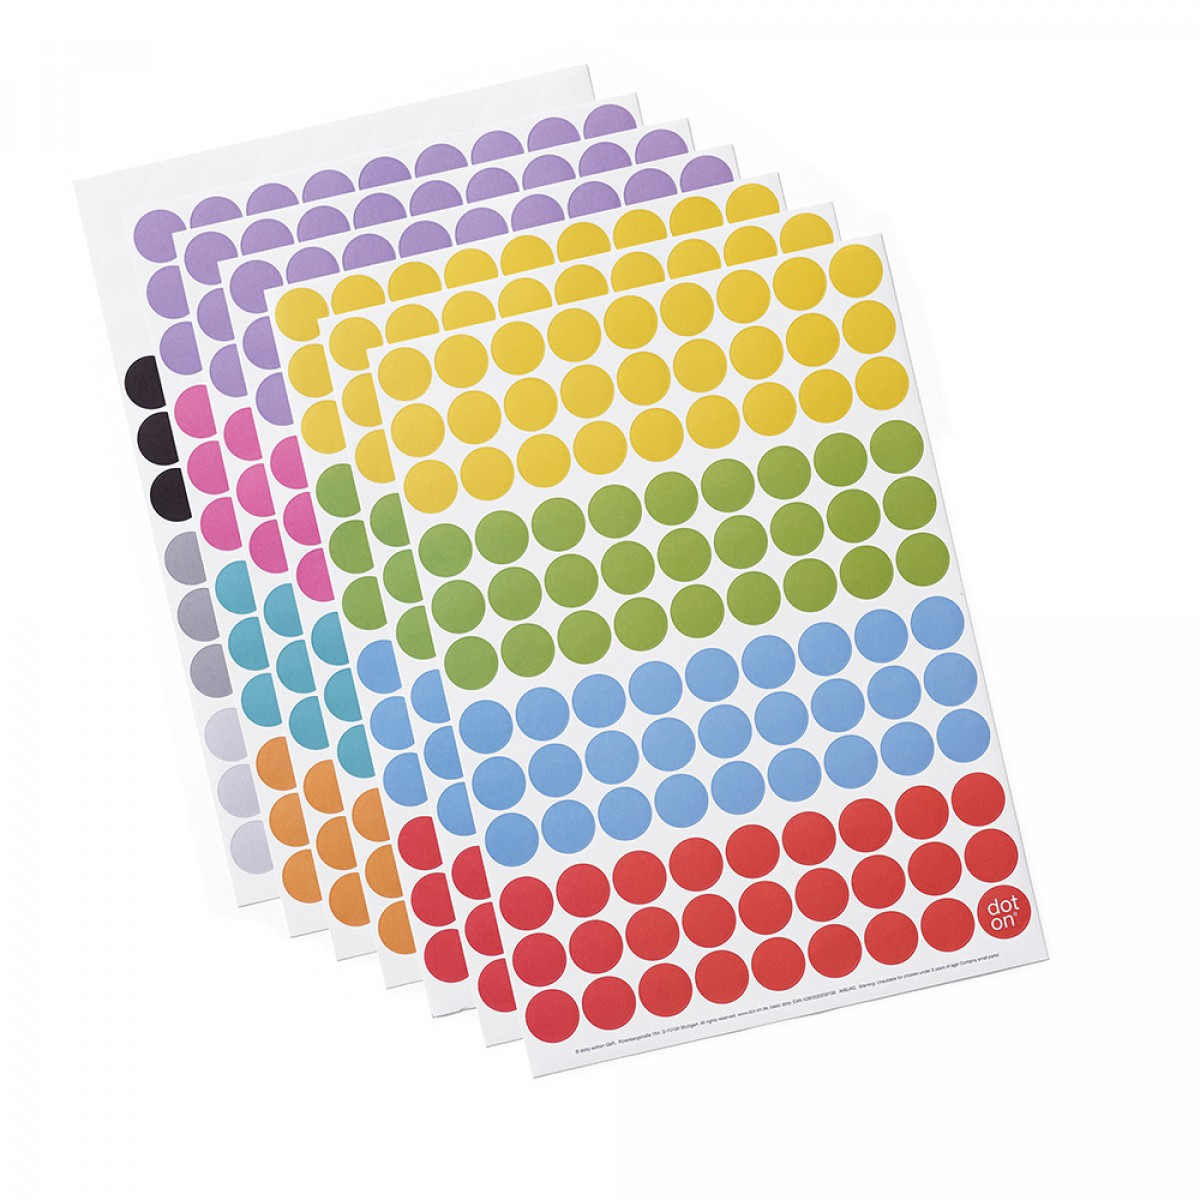 dot on half / Halbjahresplaner 2020 – mit über 700 Klebepunkten in 12 Farben